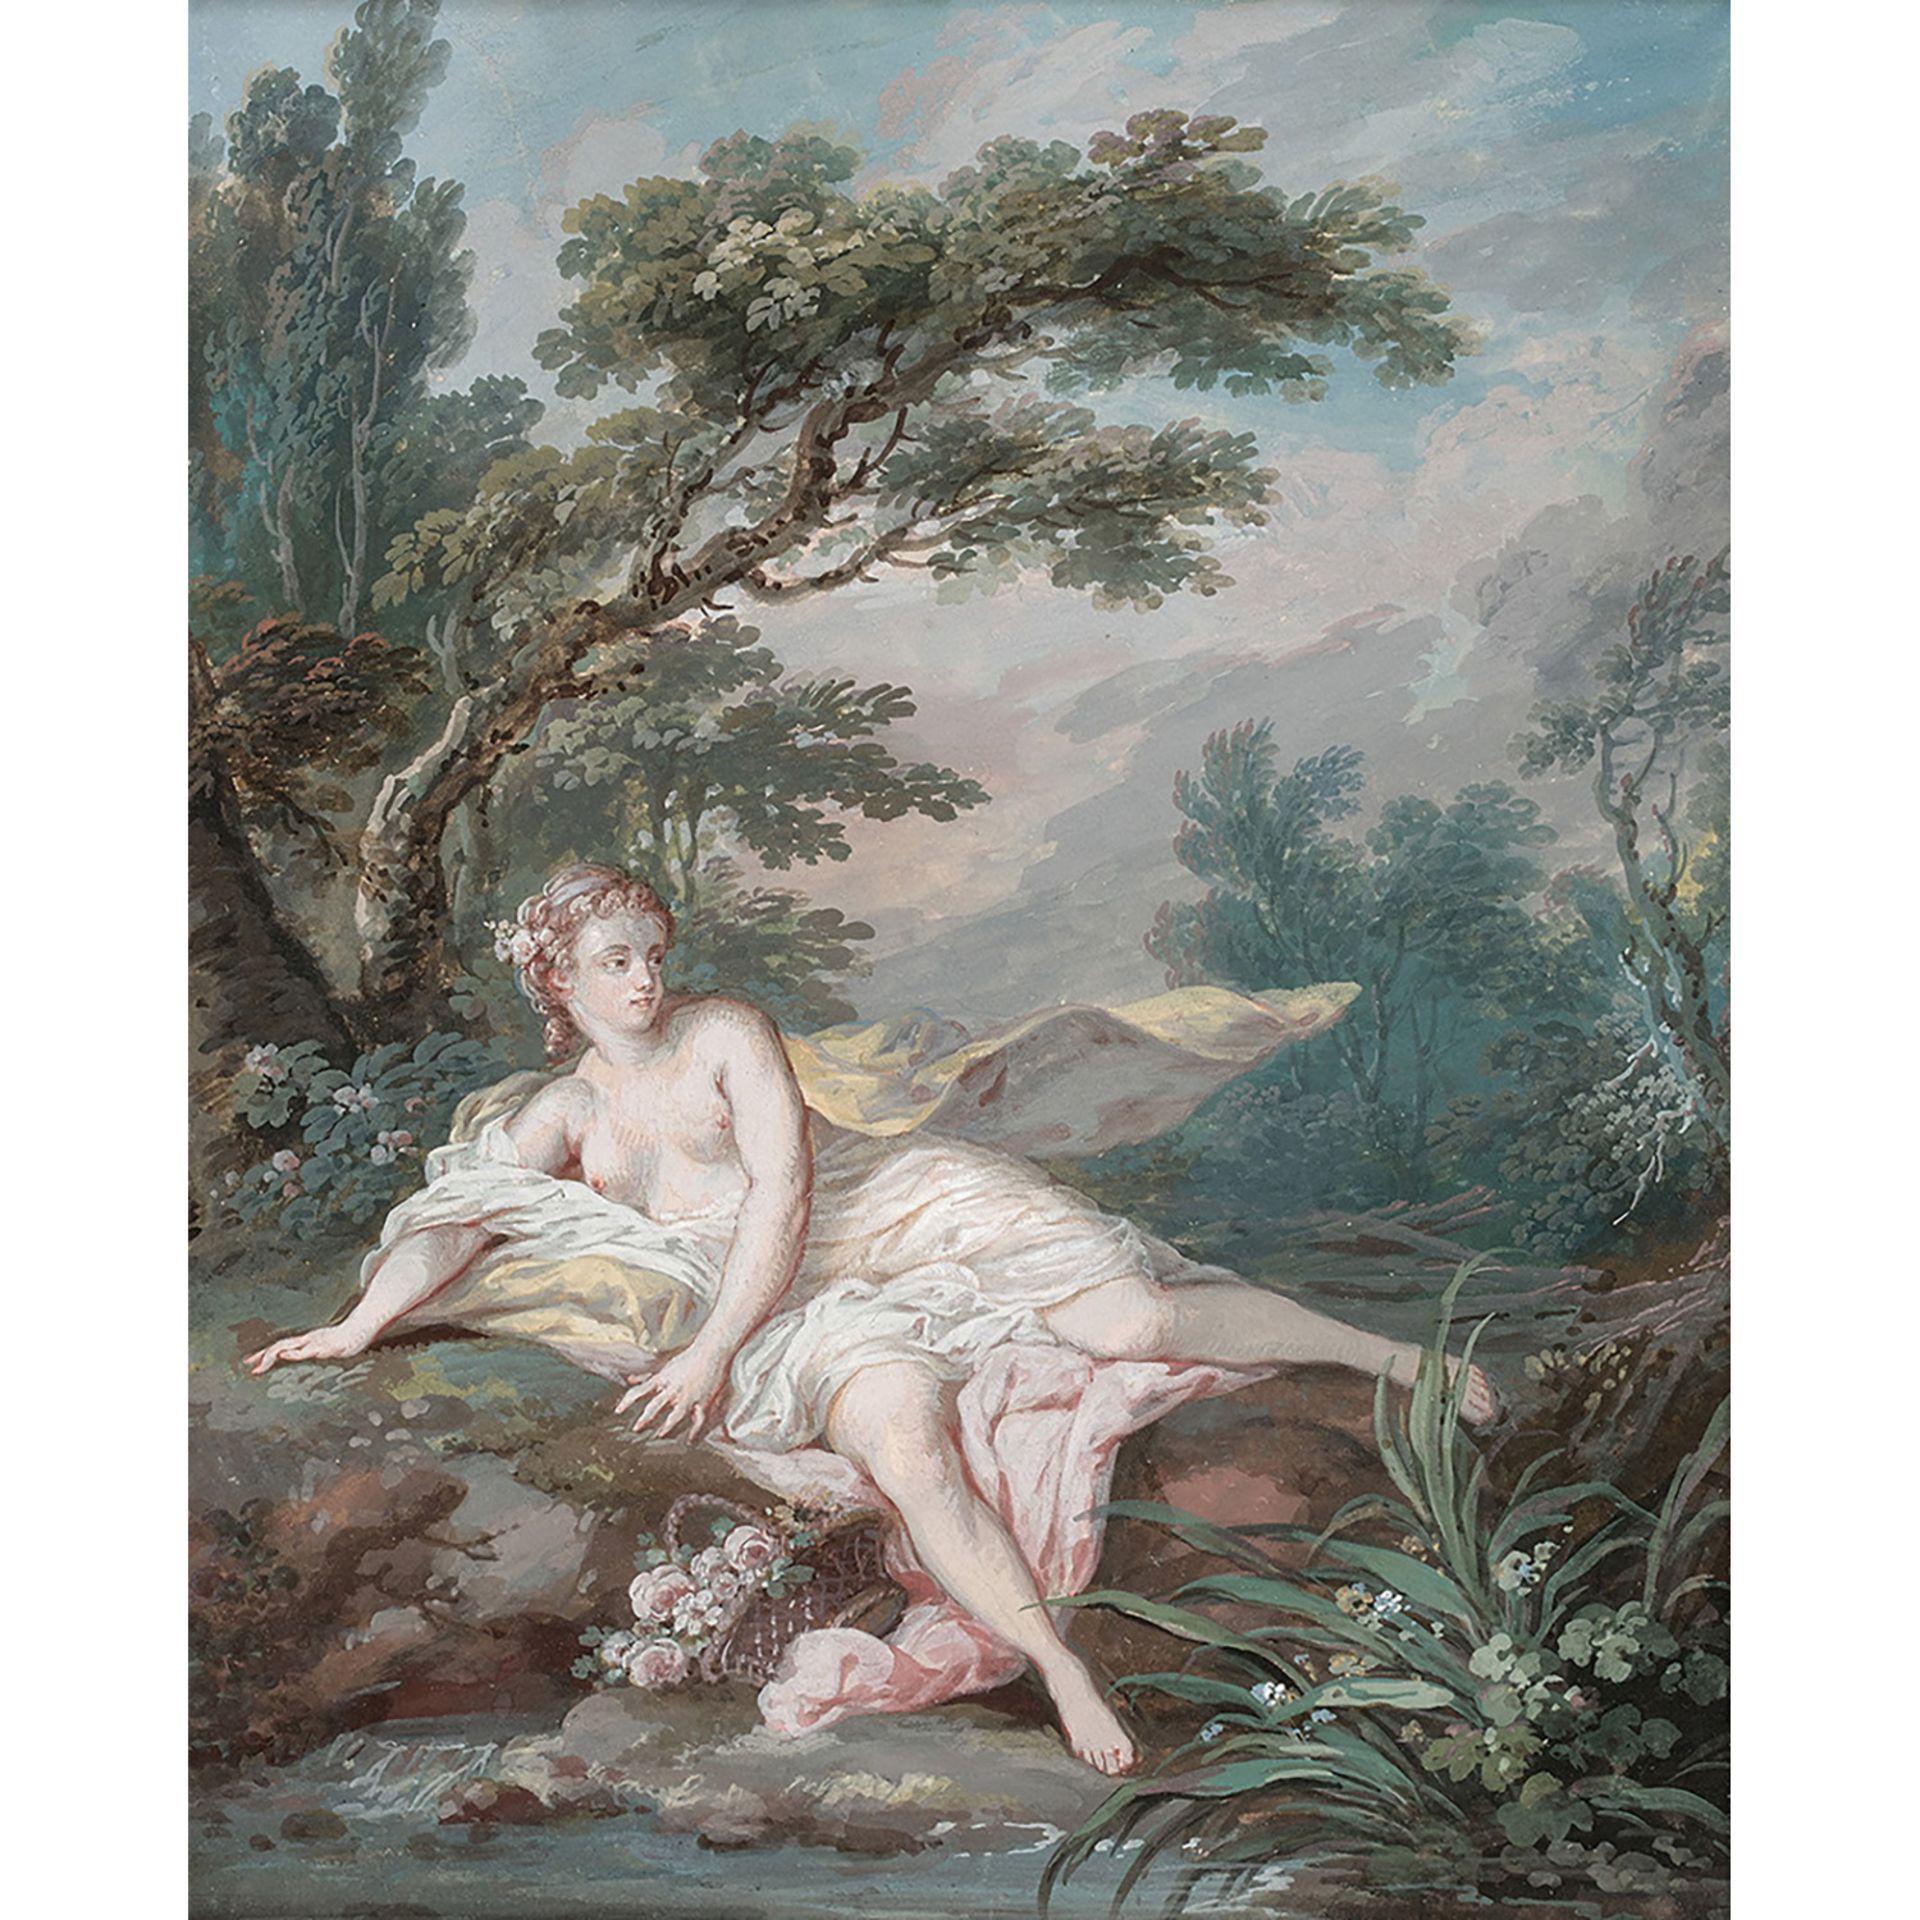 ÉCOLE FRANÇAISE DU XVIIIe SIÈCLE, ENTOURAGE DE JACQUES CHARLIER - Bild 2 aus 3